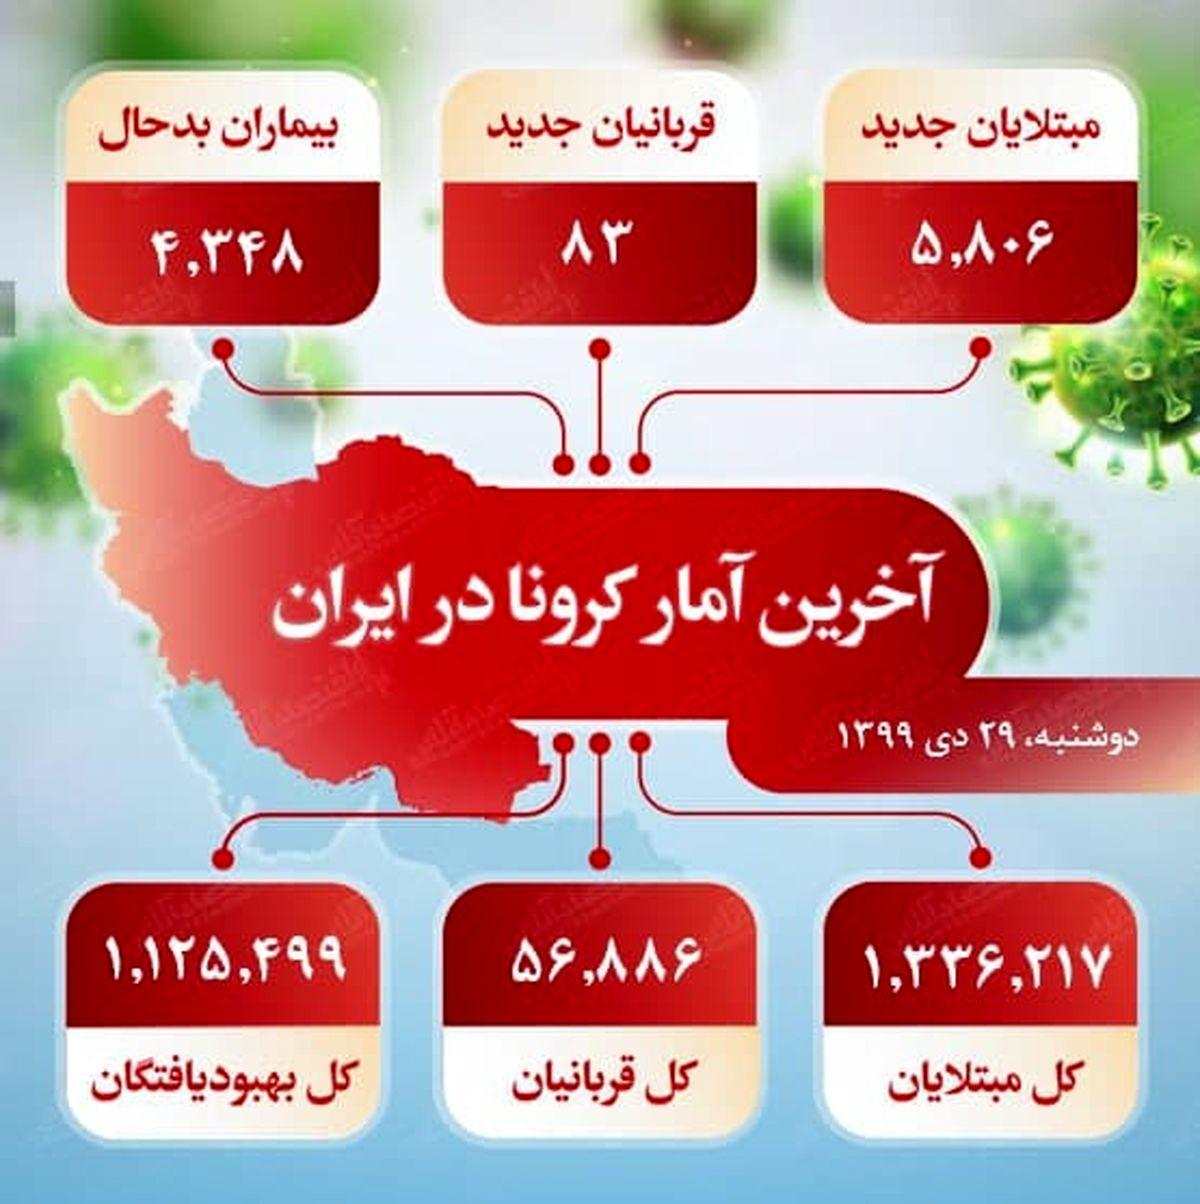 آخرین آمار کرونا در ایران (۹۹/۱۰/۲۹)